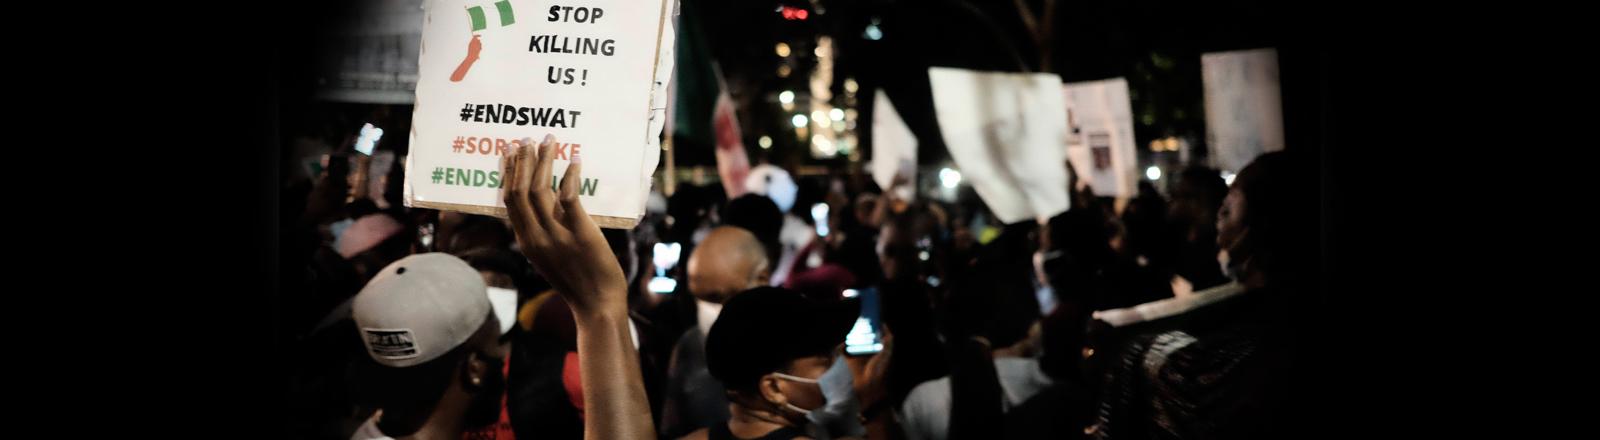 In den USA demonstrieren Menschen gegen Tötungen in Nigeria.